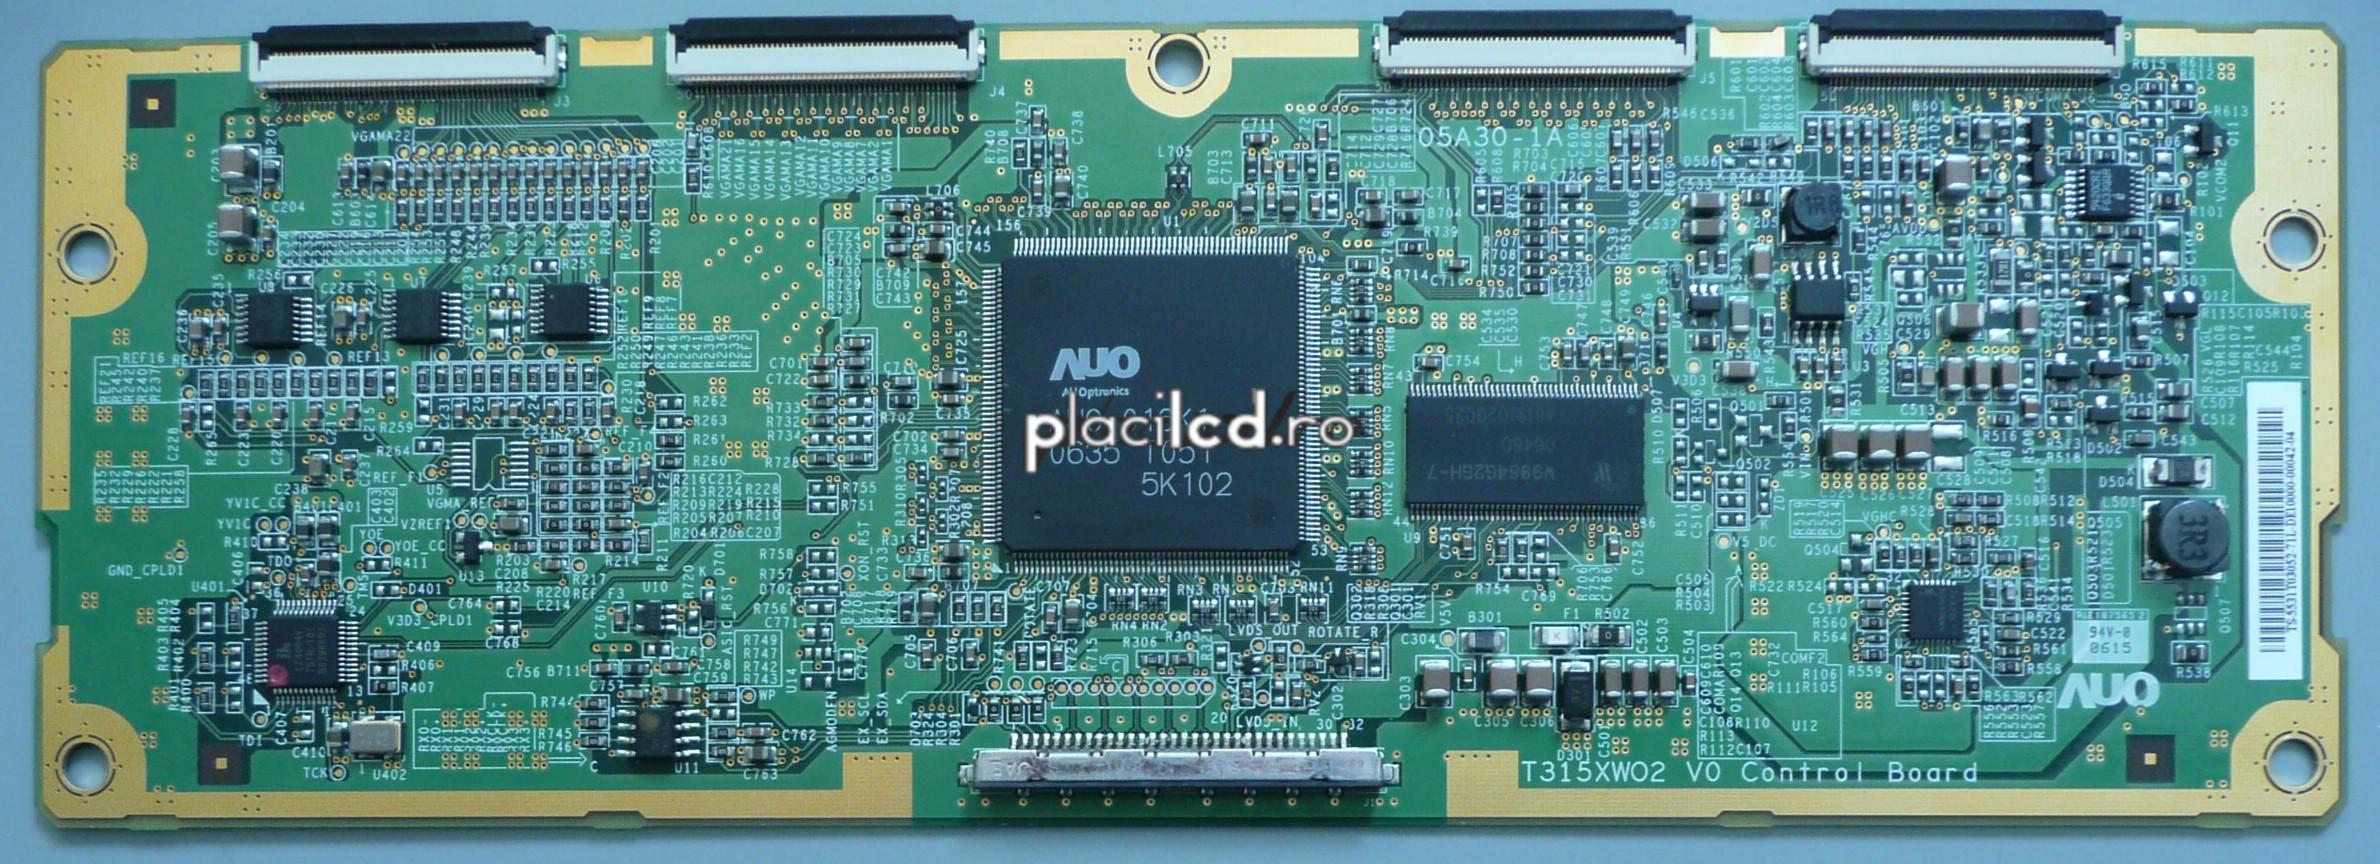 Placa LVDS T315XW02 V0 (05A30-1A)